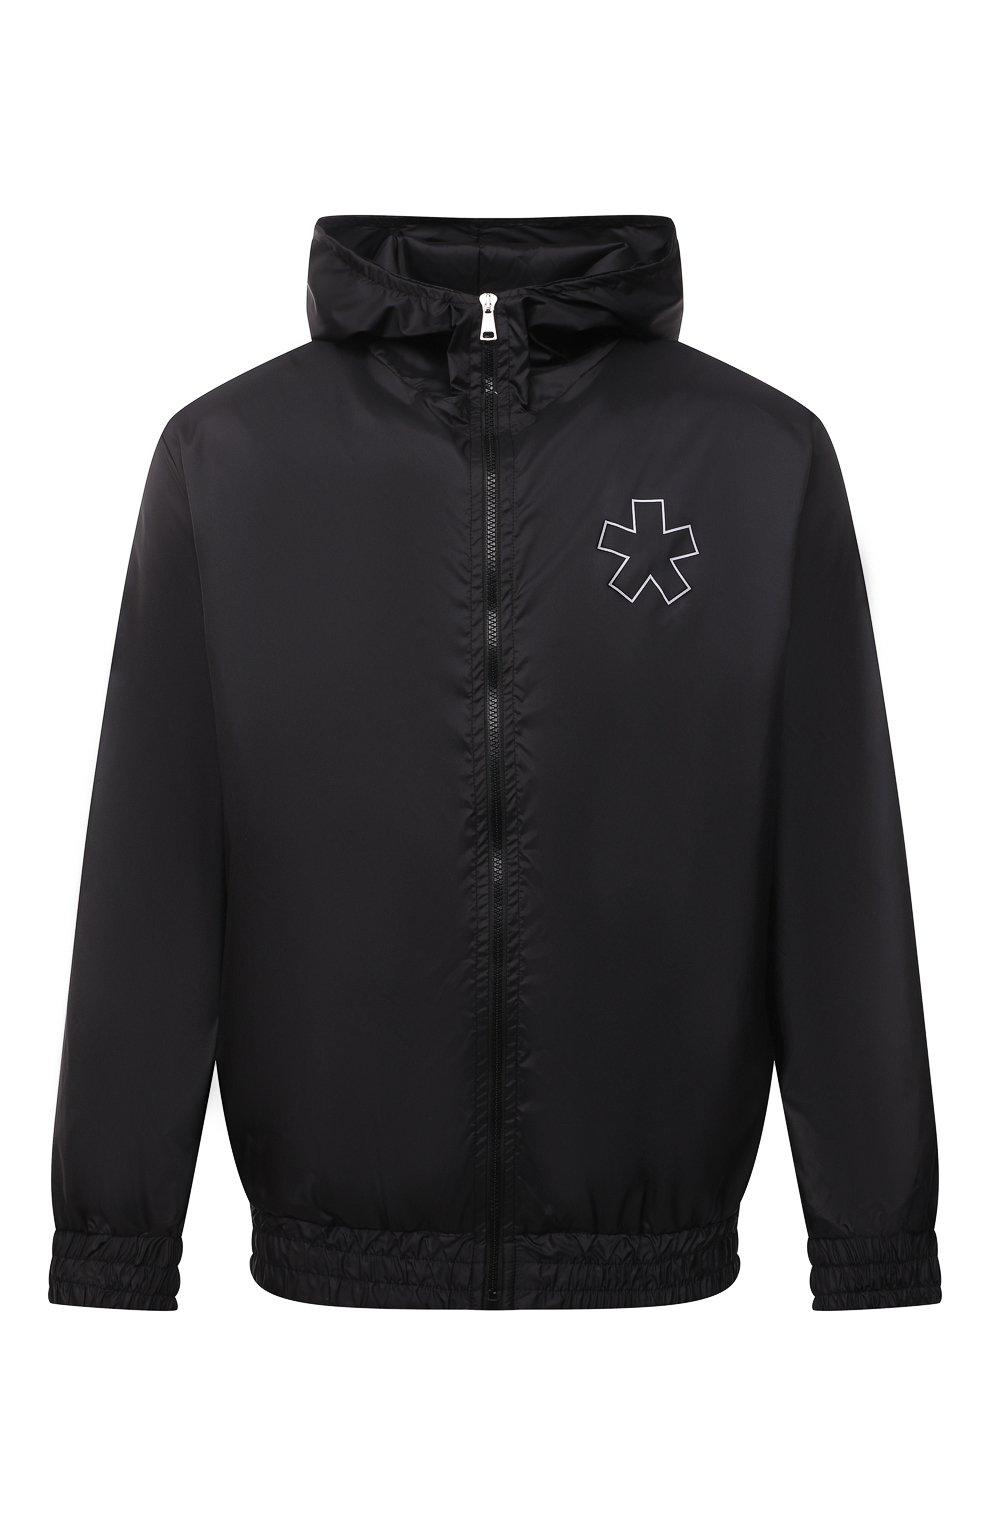 Мужской бомбер COMME DES FUCKDOWN черного цвета, арт. CDFU1159 | Фото 1 (Кросс-КТ: Куртка; Рукава: Длинные; Материал внешний: Синтетический материал; Принт: С принтом; Стили: Спорт-шик; Мужское Кросс-КТ: Куртка-верхняя одежда; Длина (верхняя одежда): Короткие)